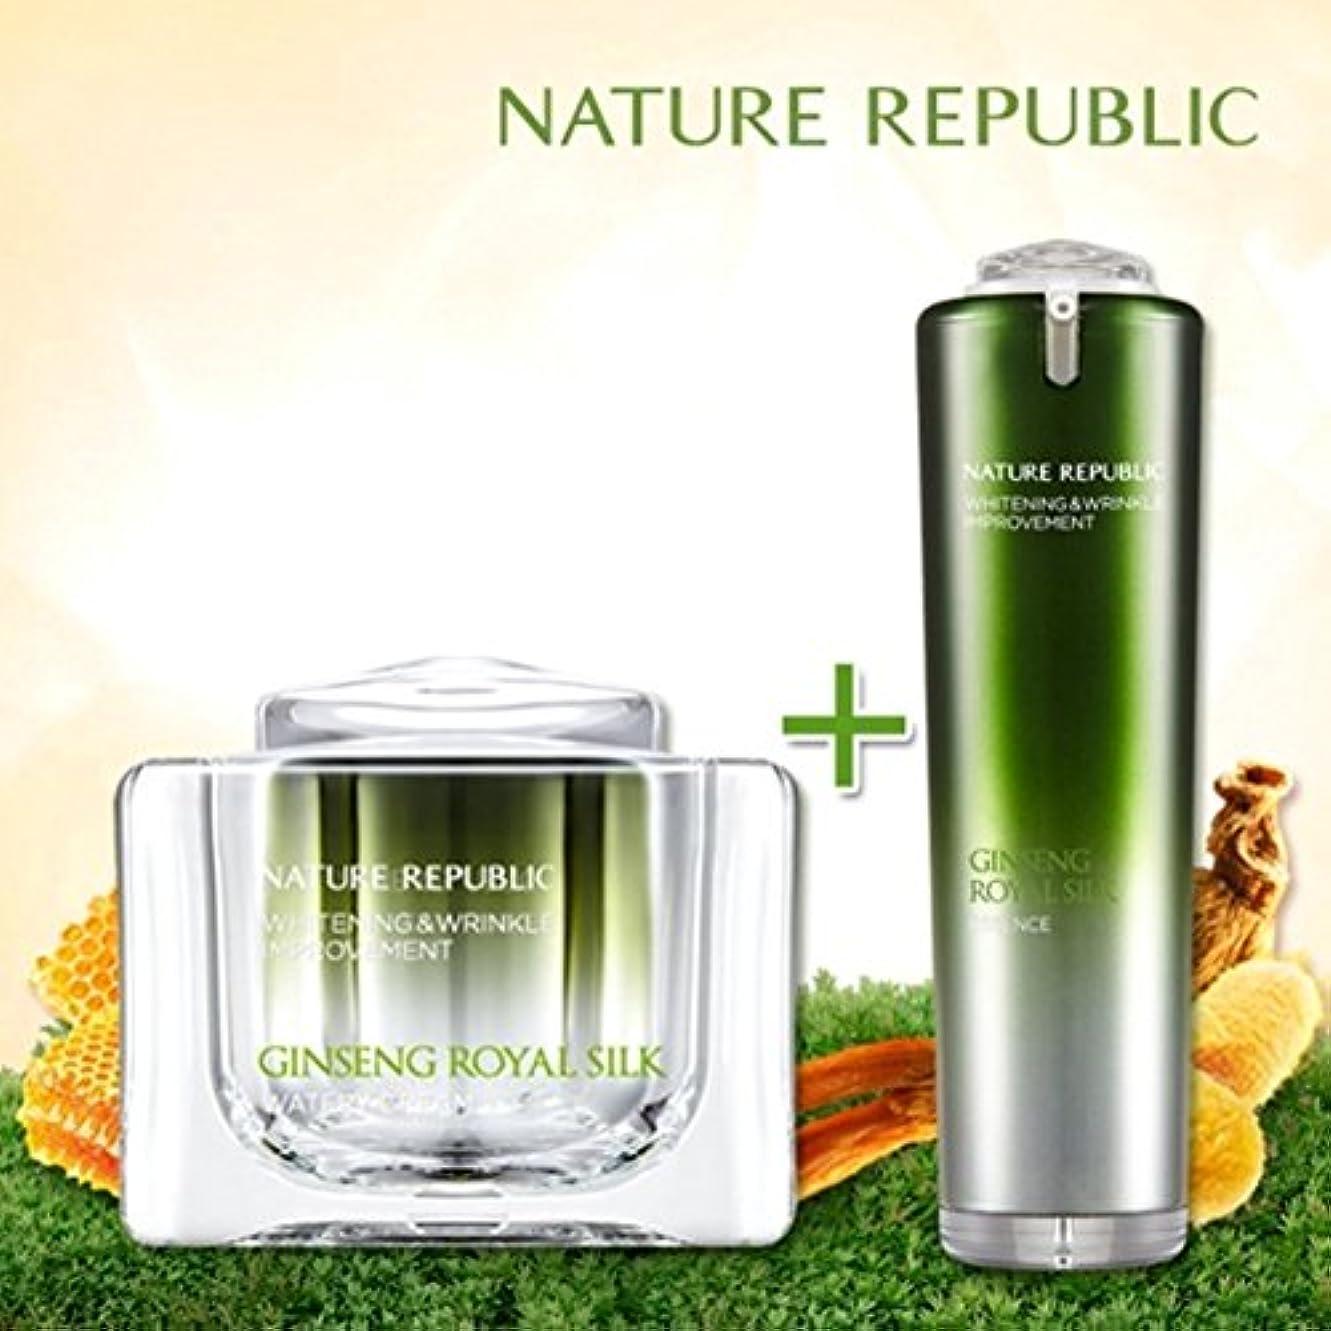 せっかち北東離婚NATURE REPUBLIC/高麗人参ロイヤルシルクウォーターリークリーム+エッセンス Nature Republic、Ginseng Royal silk Watery Cream+Essence(海外直送品)